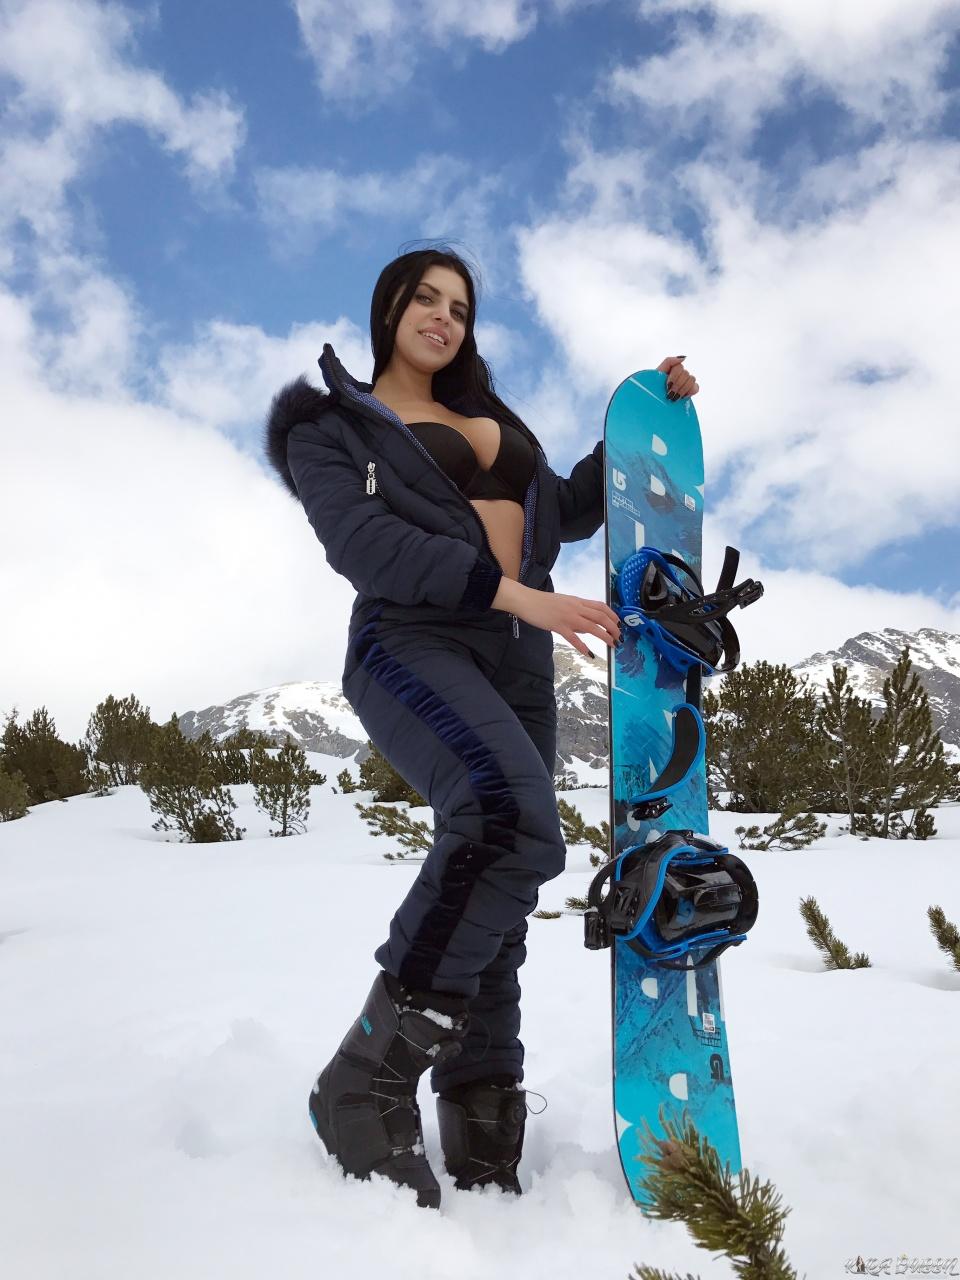 Kira Queen - Naughty Queen On The Snow